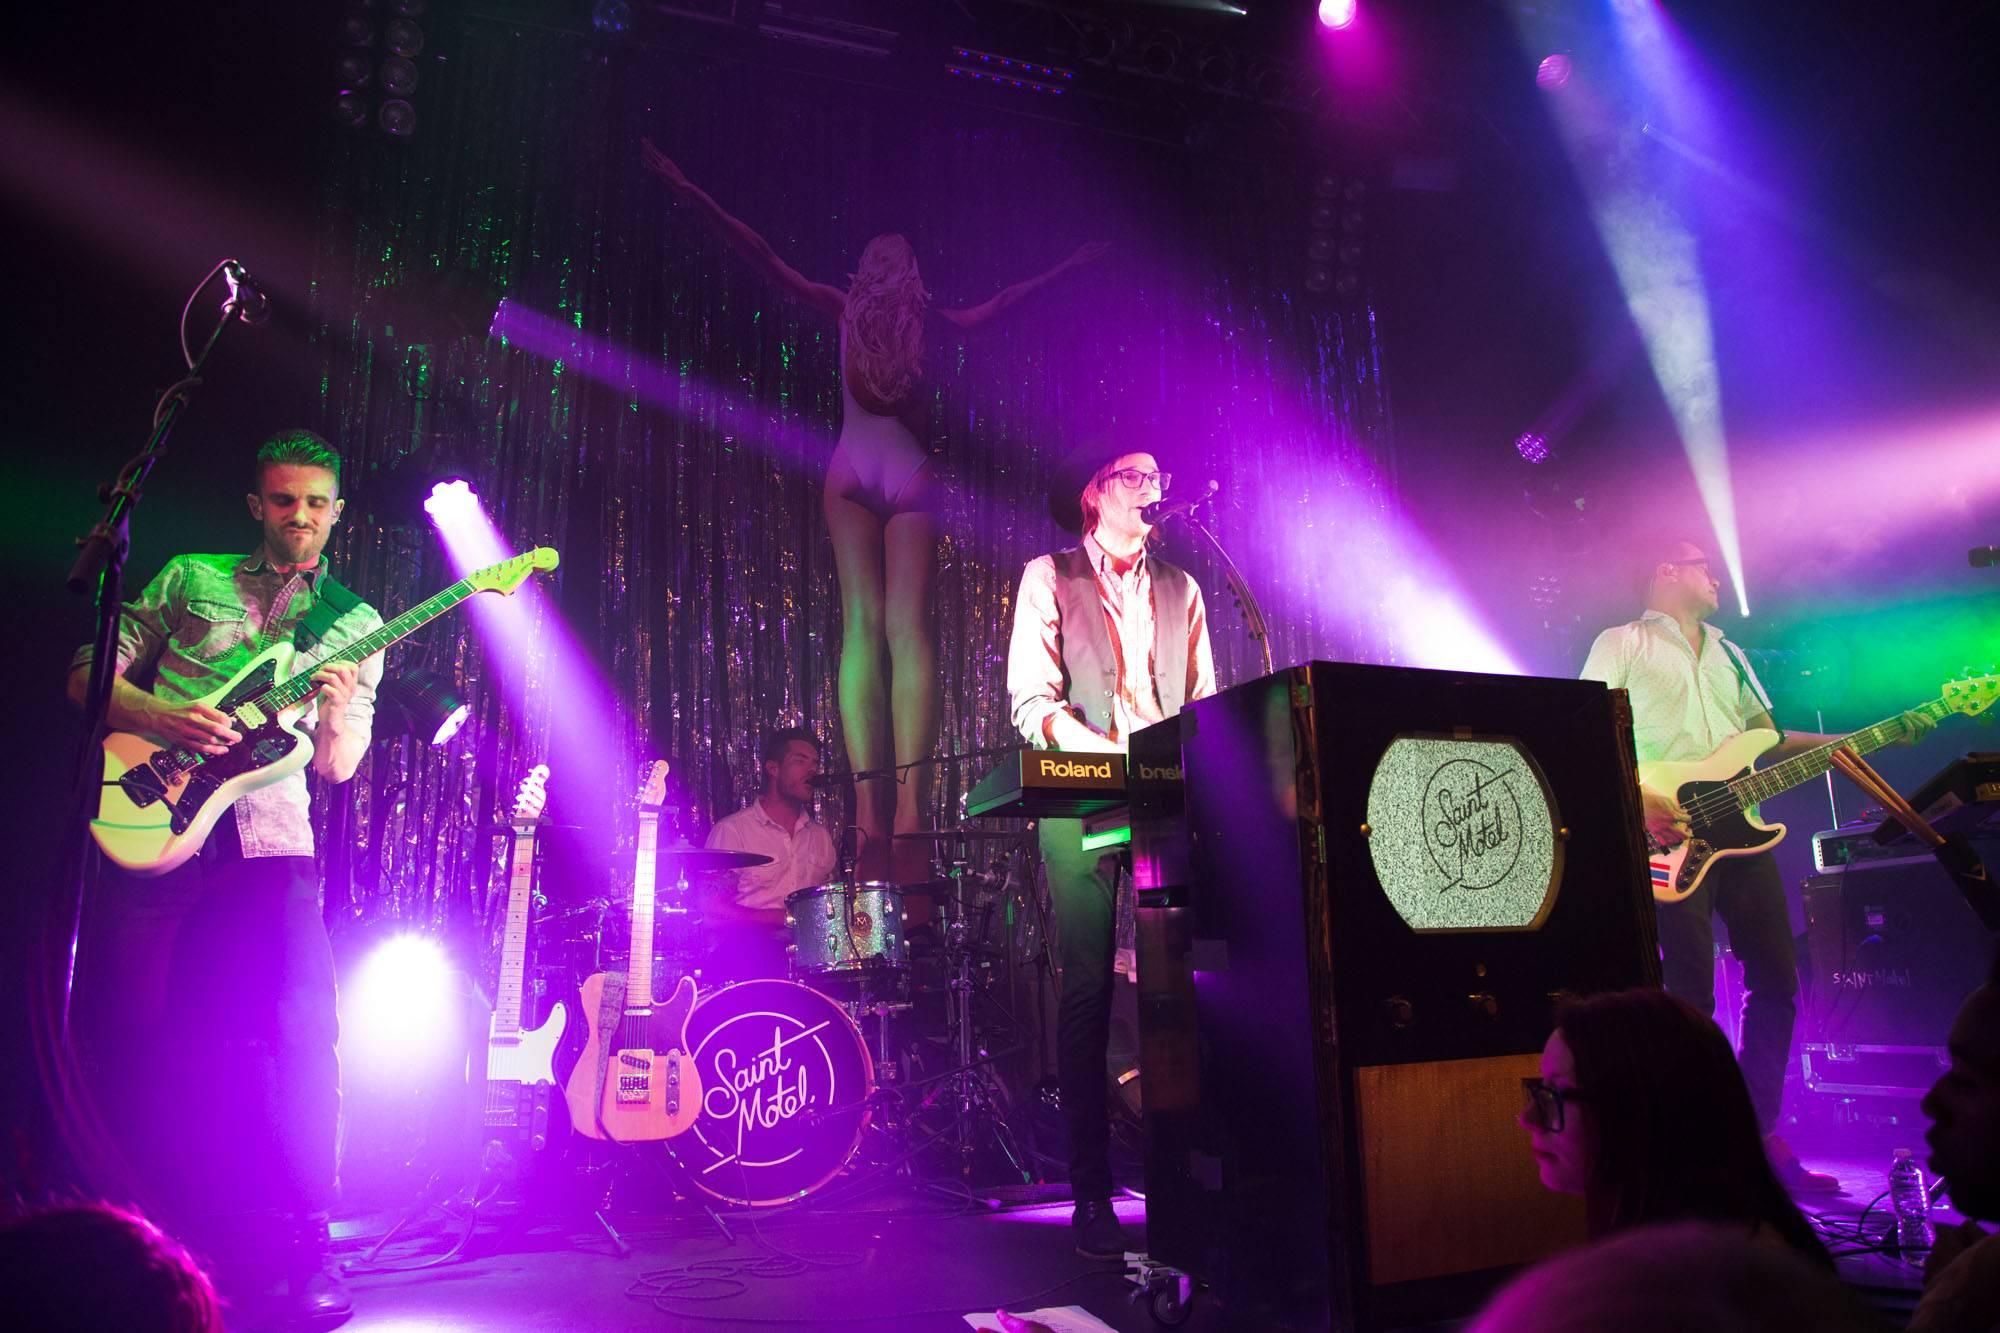 Saint Motel at Venue, Vancouver, Sept. 20 2016. Kirk Chantraine photo.